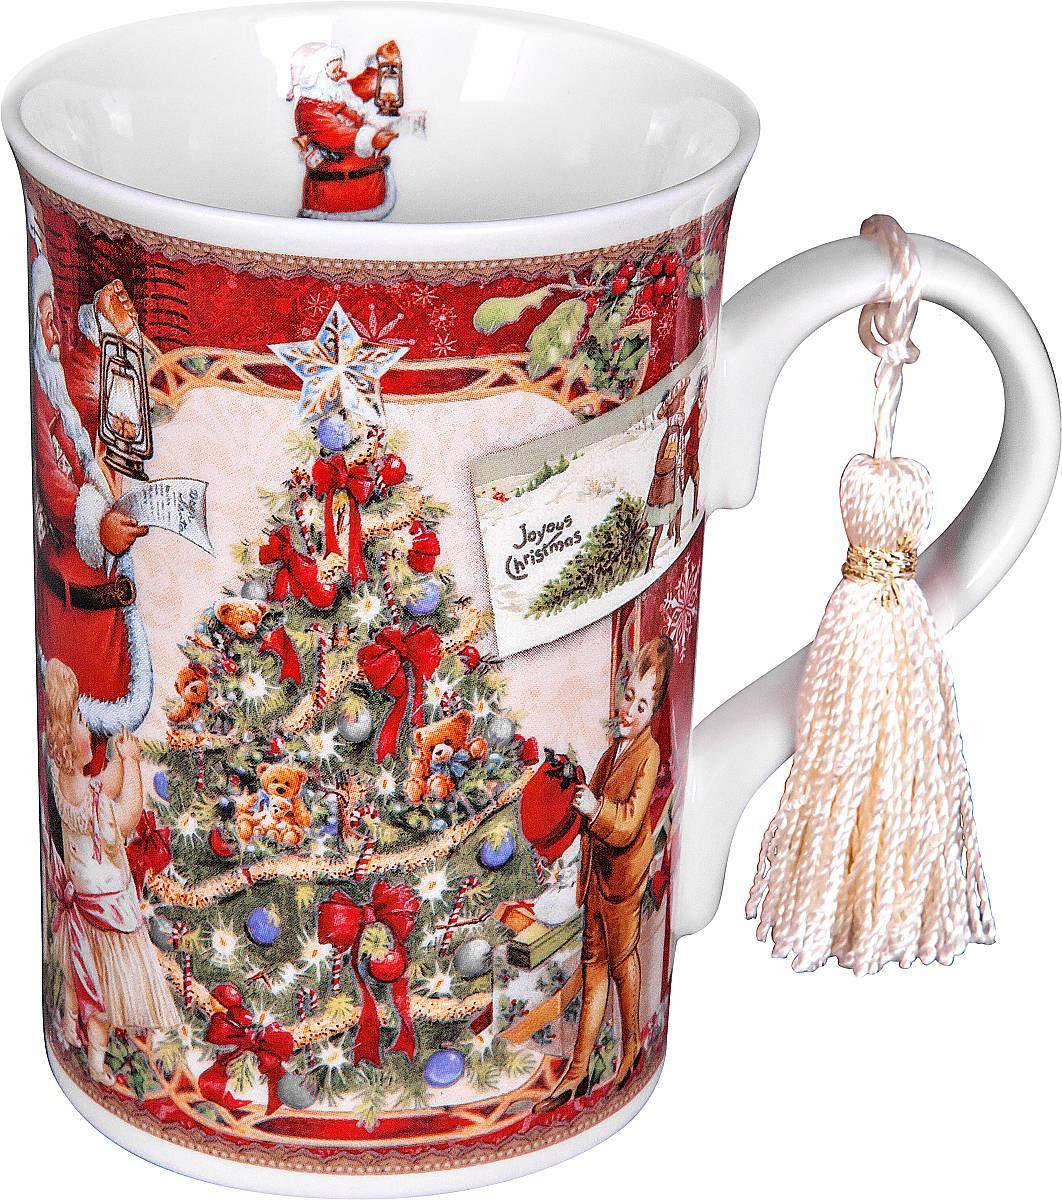 Кружка Mister Christmas Дед Мороз и дети, высота 11 смBR-M11Кружка Mister Christmas Дед Мороз и дети изготовлена из качественного глазурованного фарфора. Внешние стенки декорированы красивыми новогодними рисунками. Такая кружка согреет вас горячим напитком и станет неизменным атрибутом чаепития. Отличный новогодний подарок для друзей и близких. Кружка упакована в новогоднюю подарочную коробку.